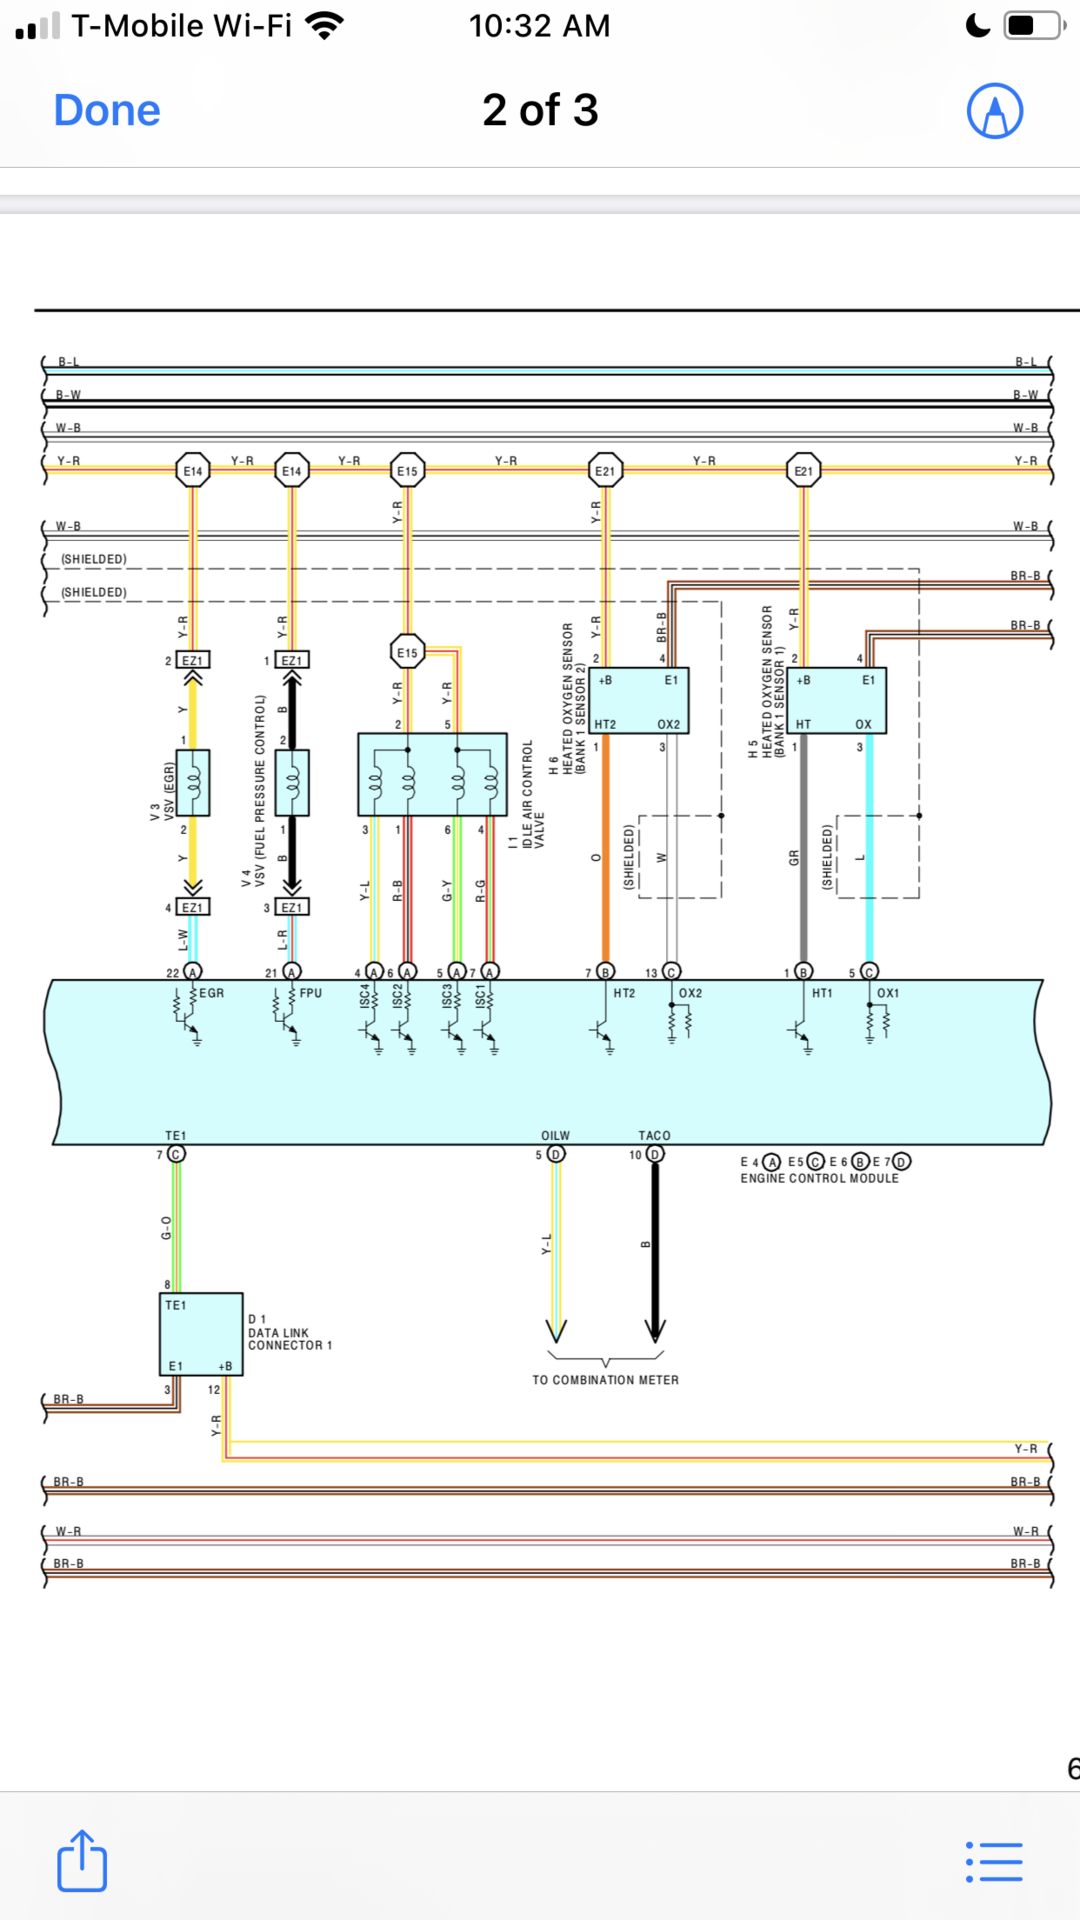 74271400-9CD0-481B-A4EC-2C26BA324F84.png